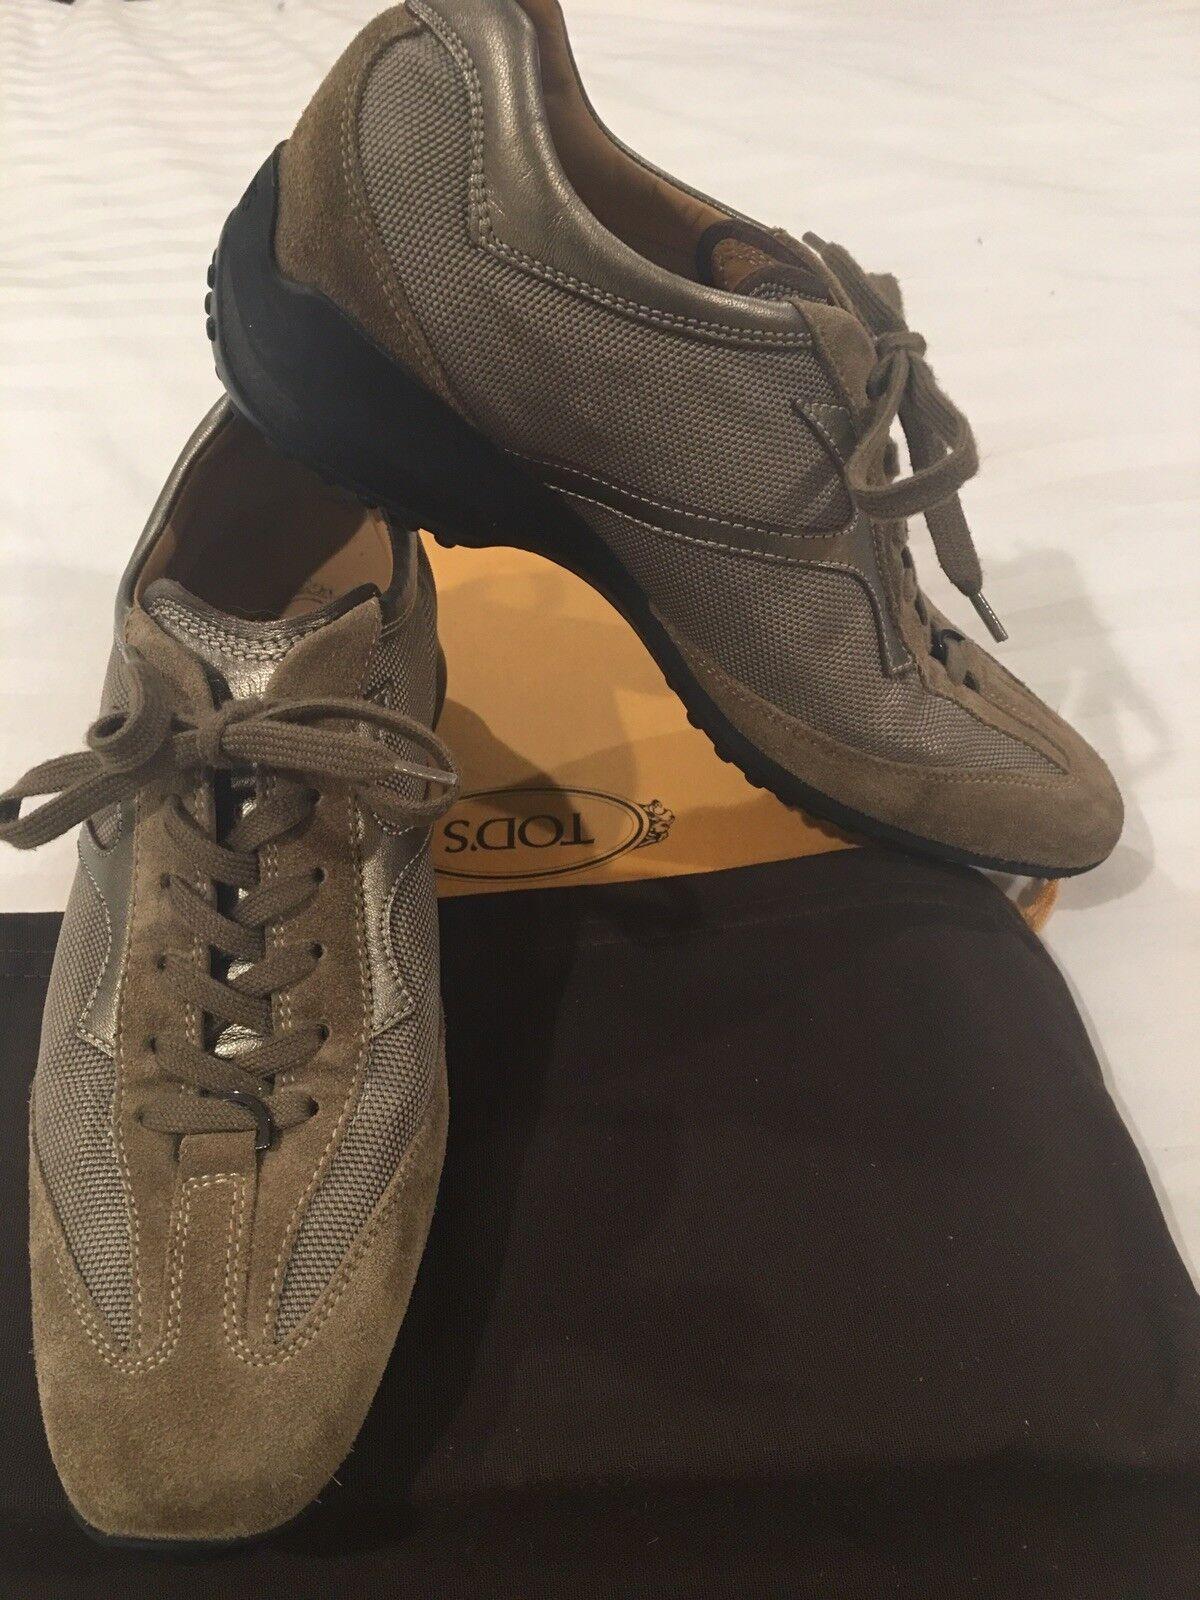 Tod'S Mujer Zapatillas Usado Usado Usado en excelente condición 38 EU 8 Cuero Gamuza Gommini EE. UU.  60% de descuento